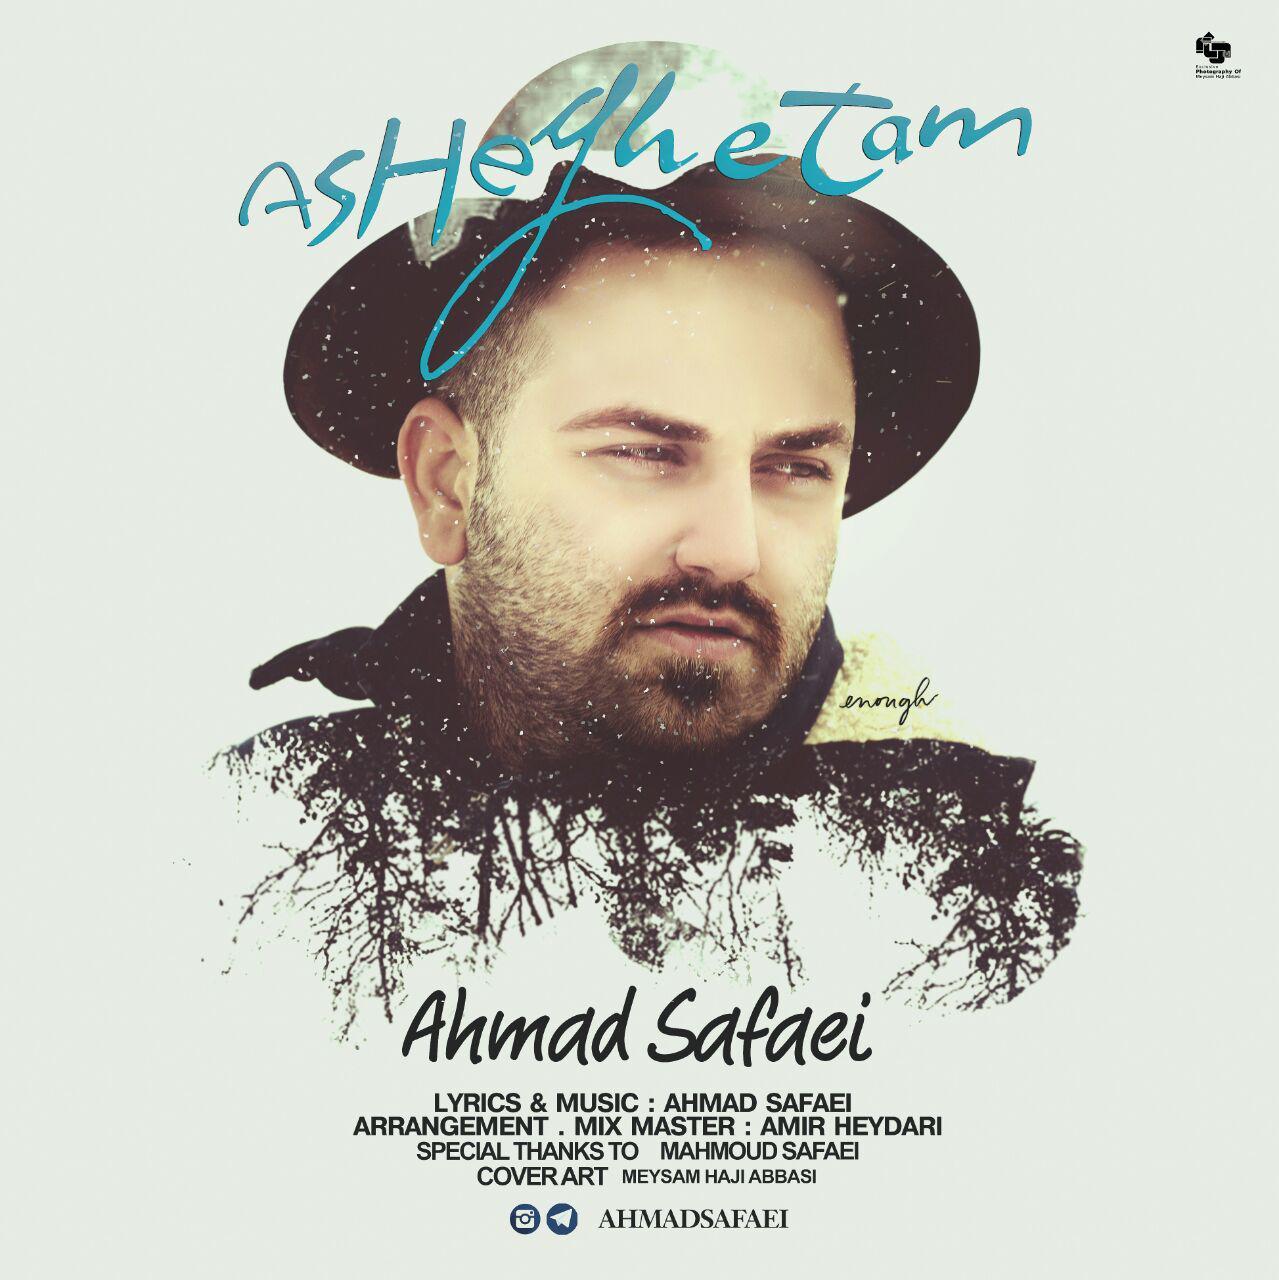 دانلود آهنگ جدید احمد صفابی به نام عاشقتم